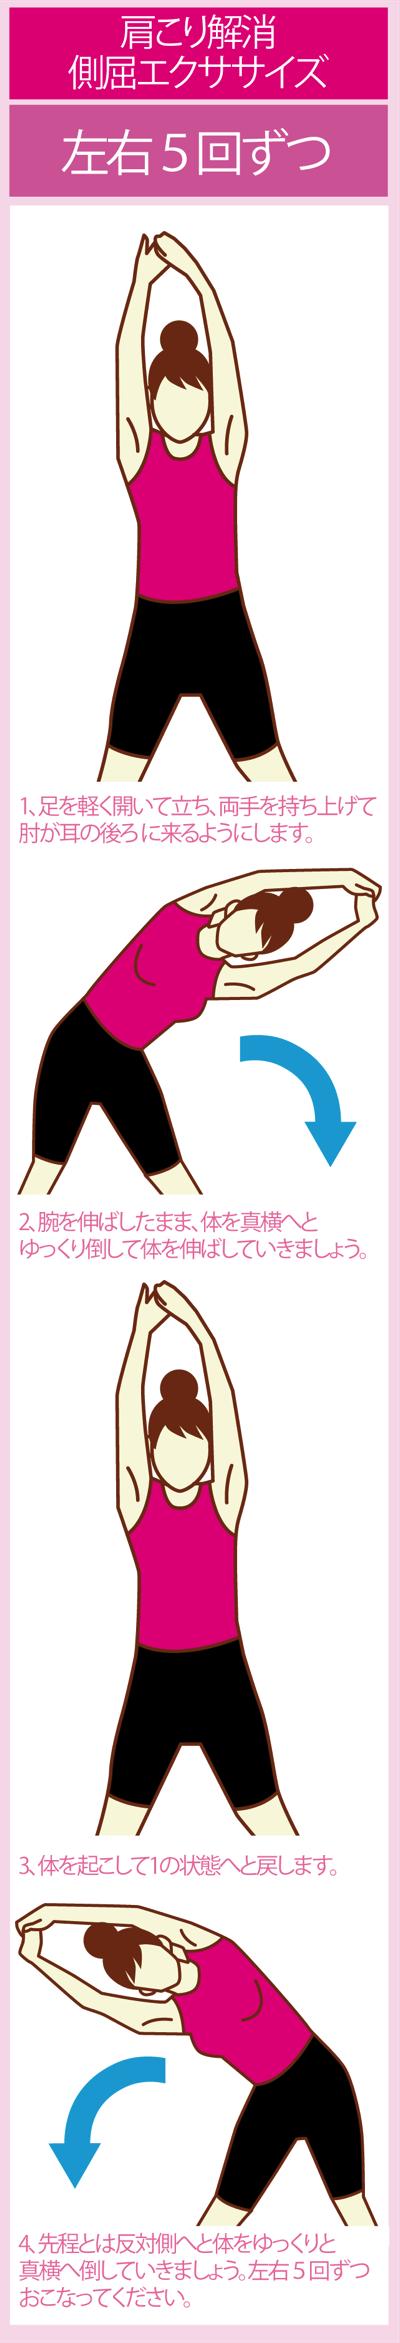 肩甲骨の可動域を広げる側屈エクササイズ